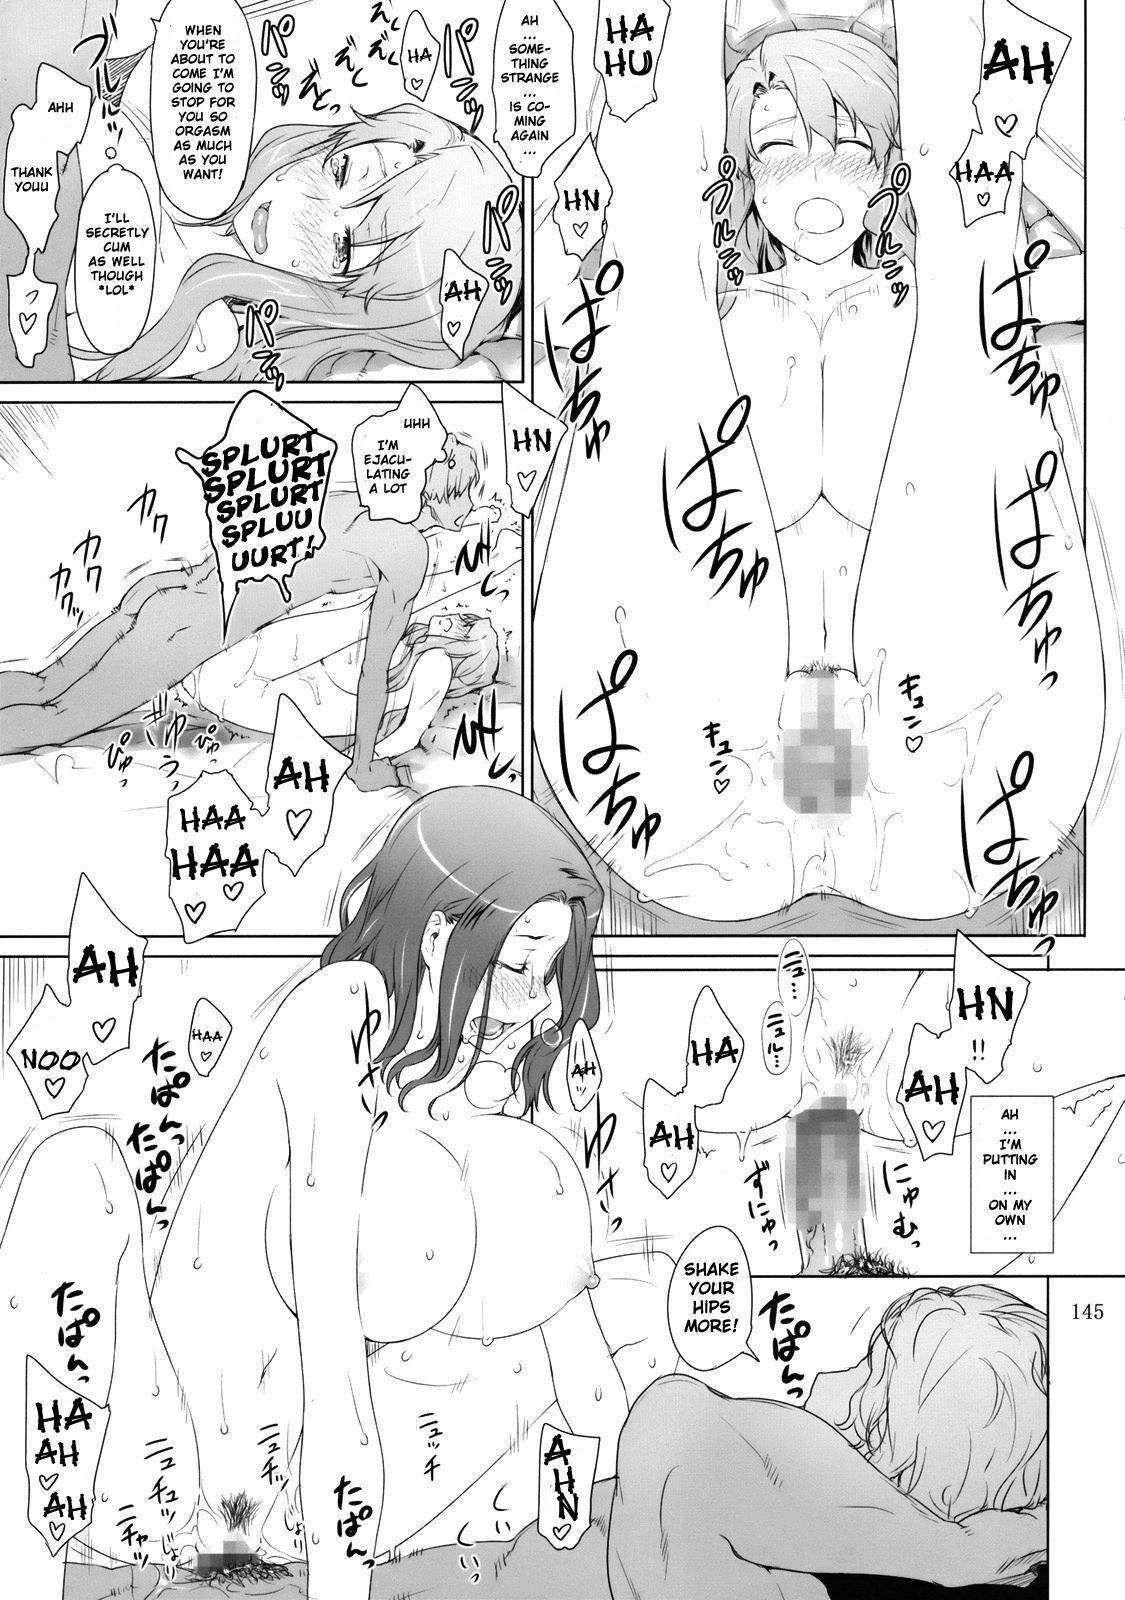 (C81) [MTSP (Jin)] Tachibana-san-chi no Dansei Jijou | Tachibana-san's Circumstances With a Man [English] {doujin-moe.us} 143